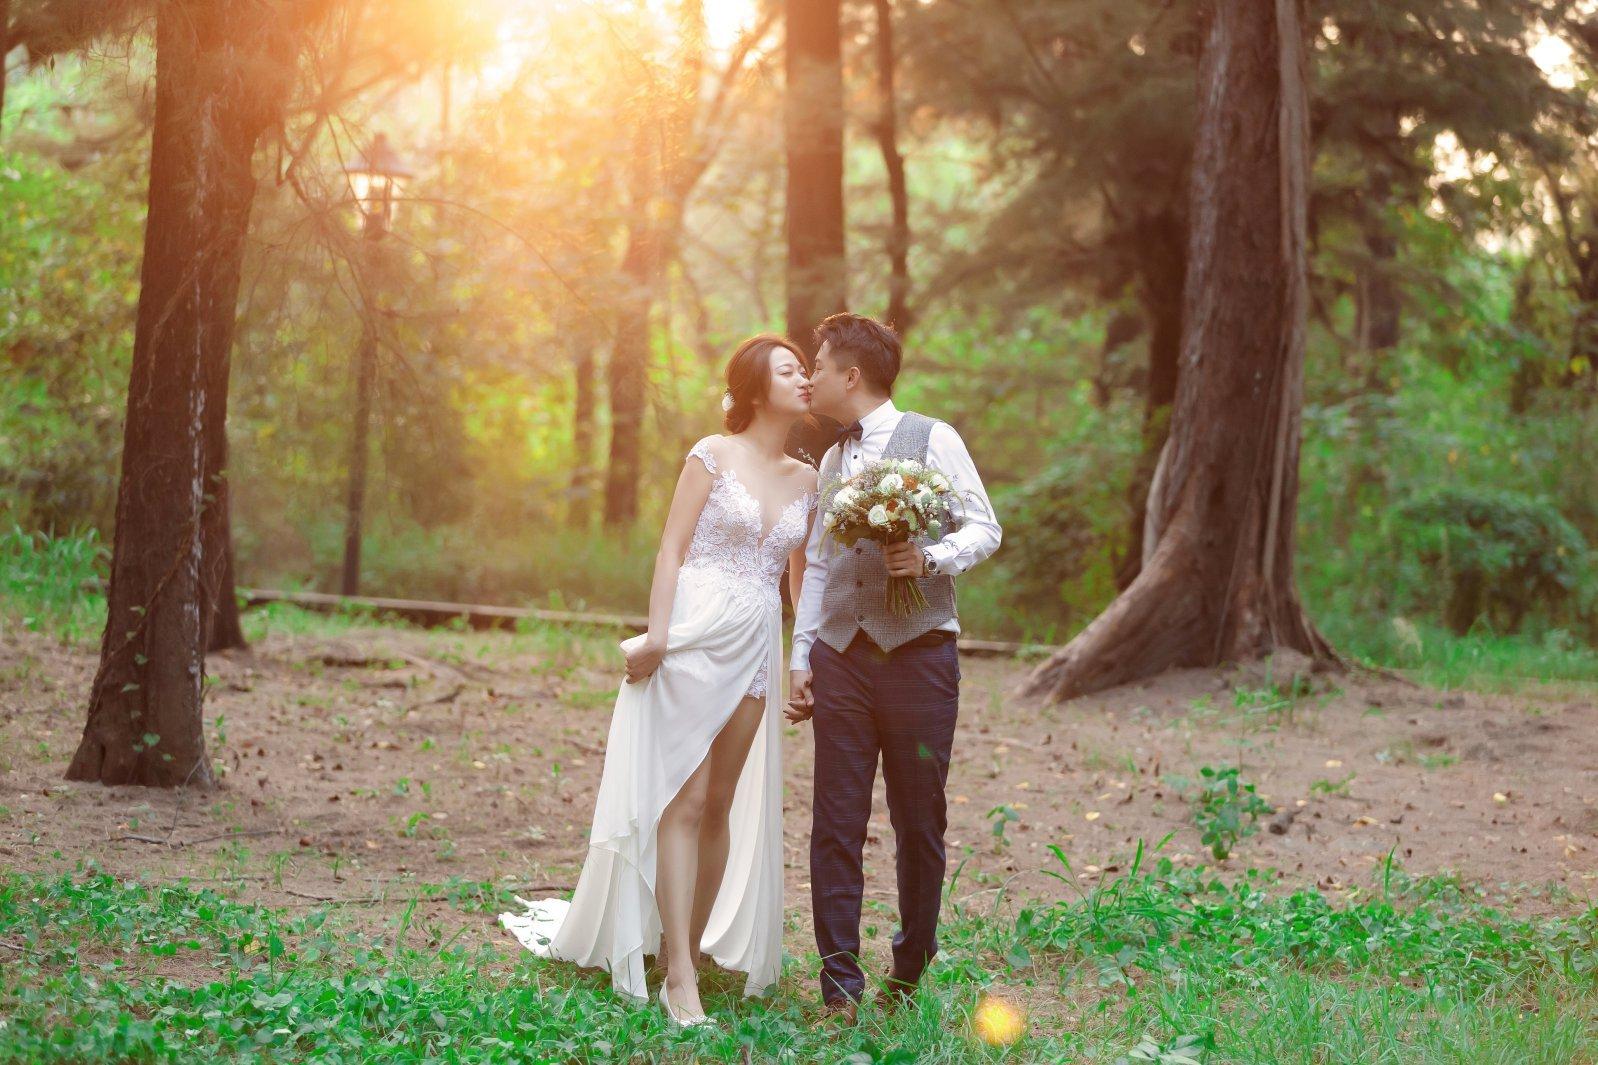 逆光婚紗照,森林系婚紗照,婚紗攝影,高雄婚紗工作室